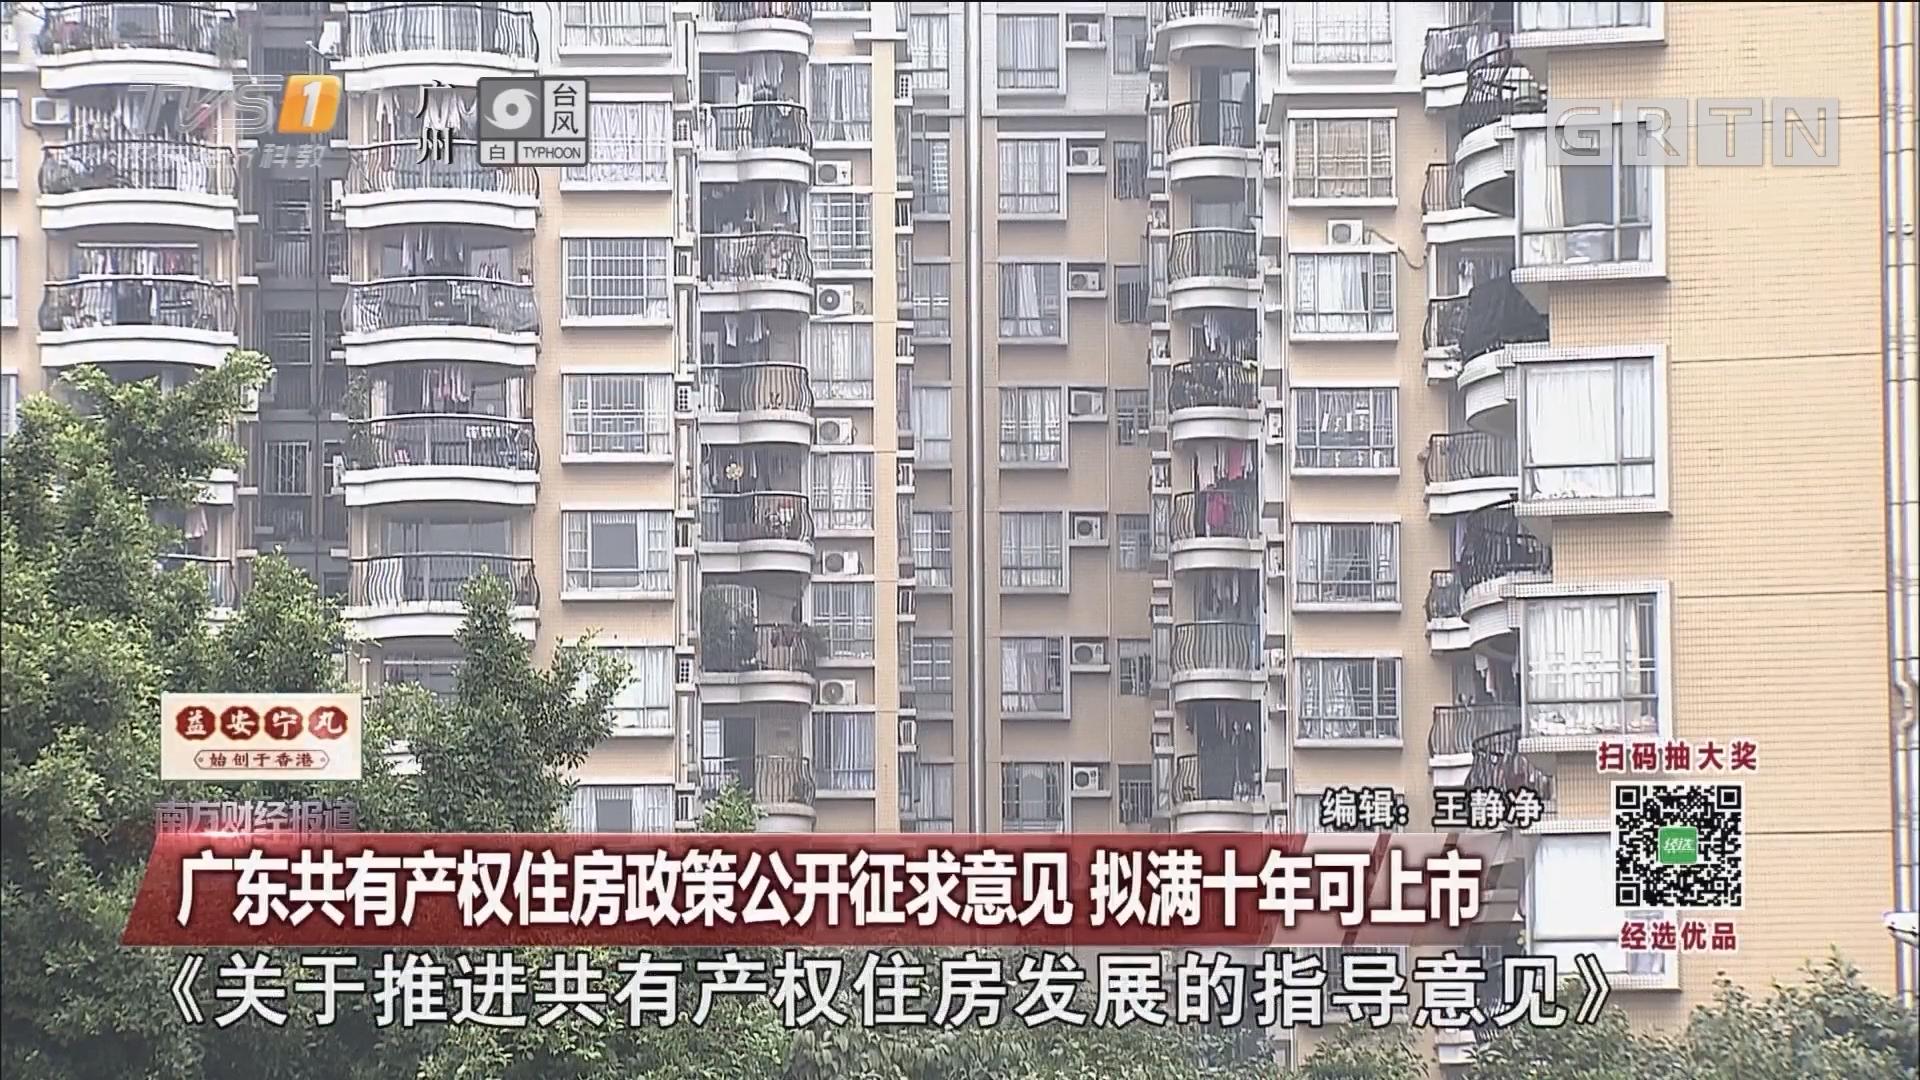 广东共有产权住房政策公开征求意见 拟满十年可上市